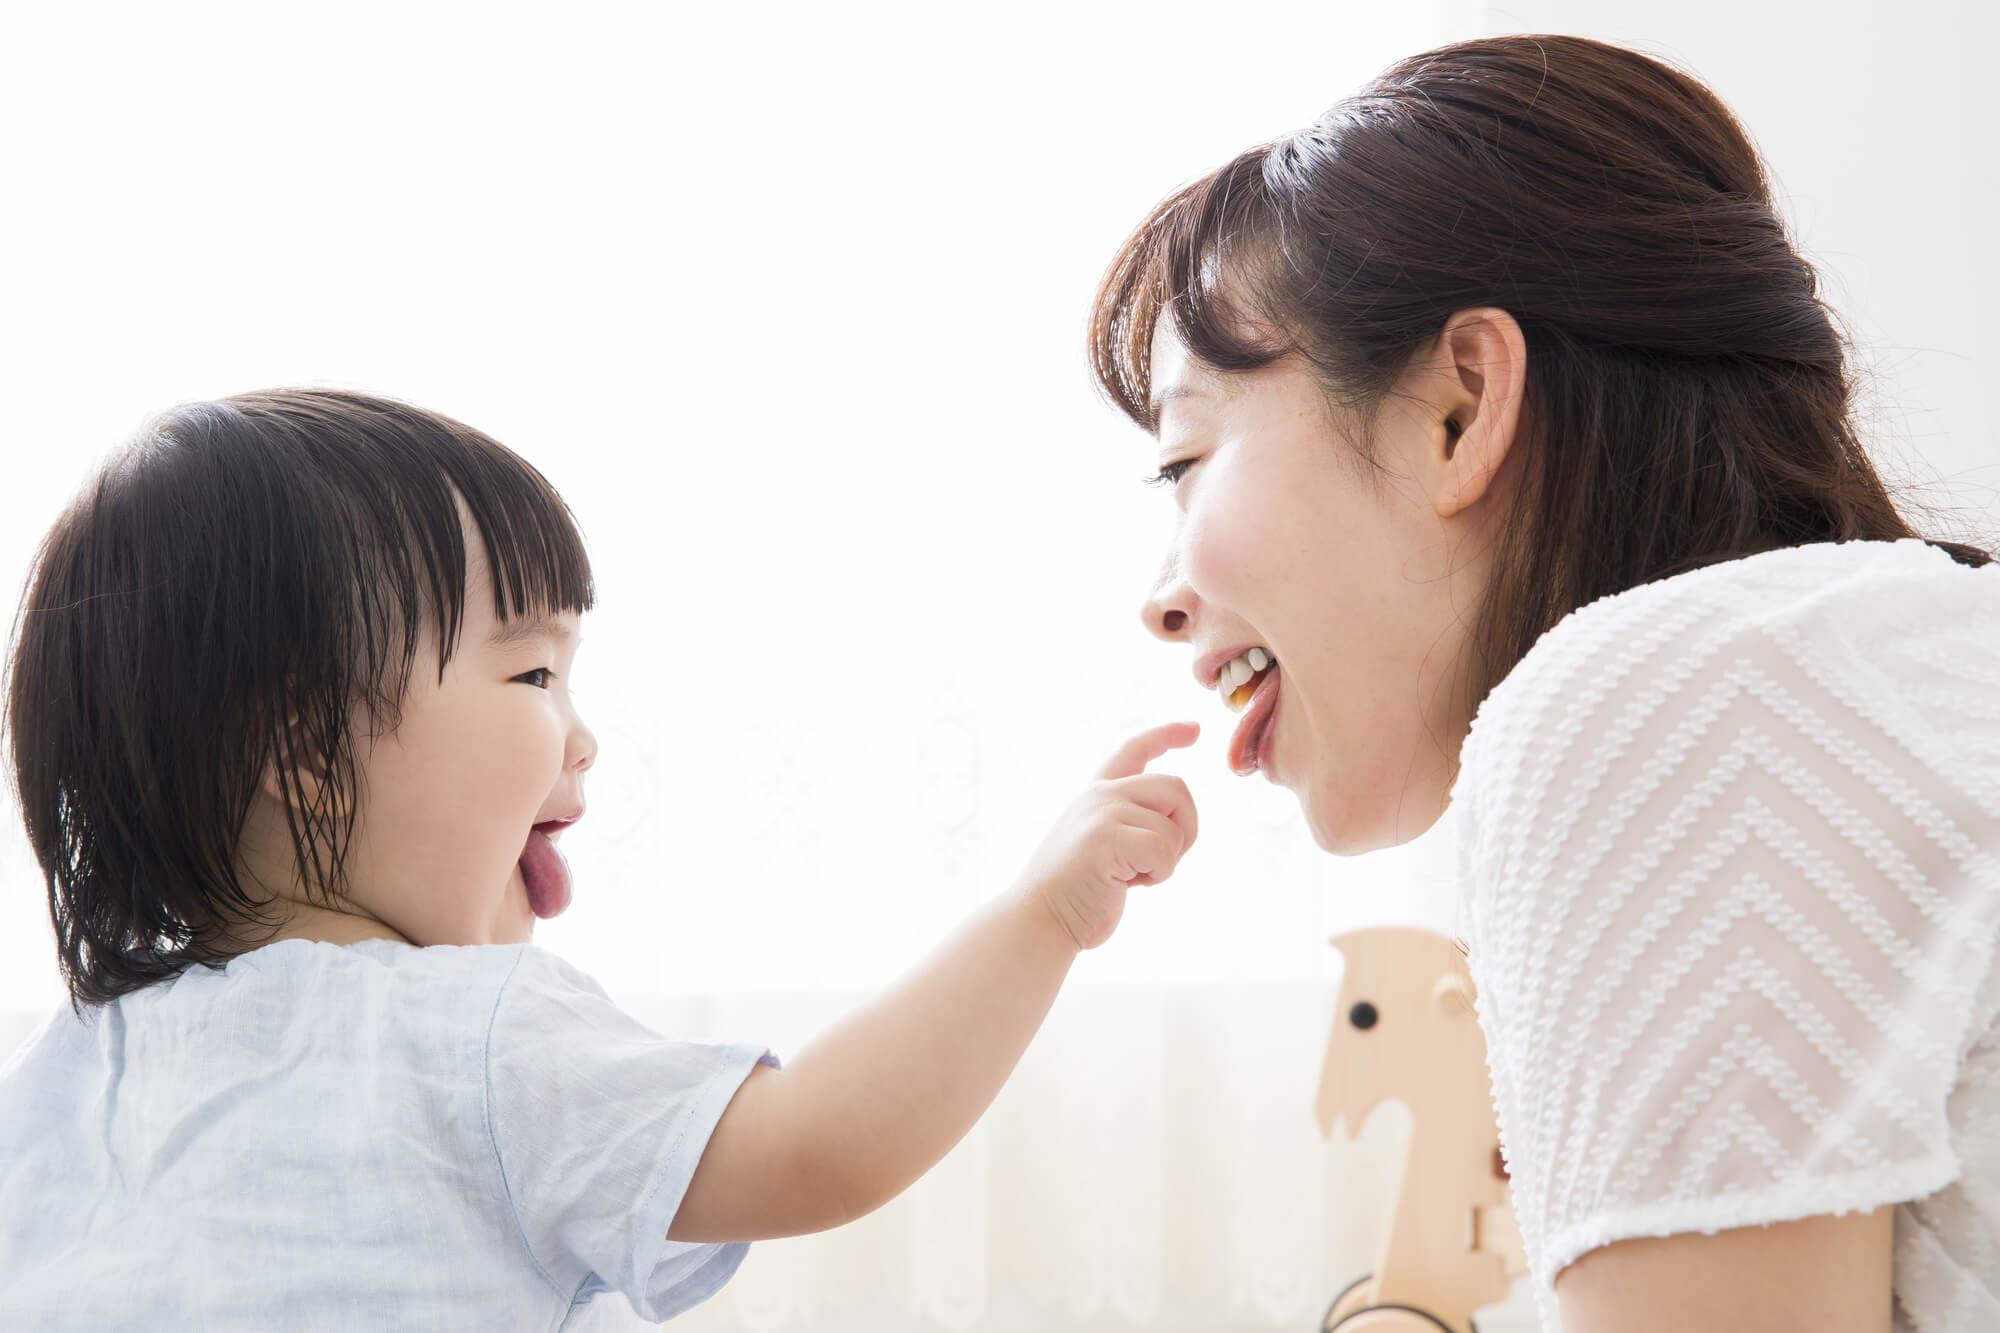 お母さんと赤ちゃんのコミュニケーション